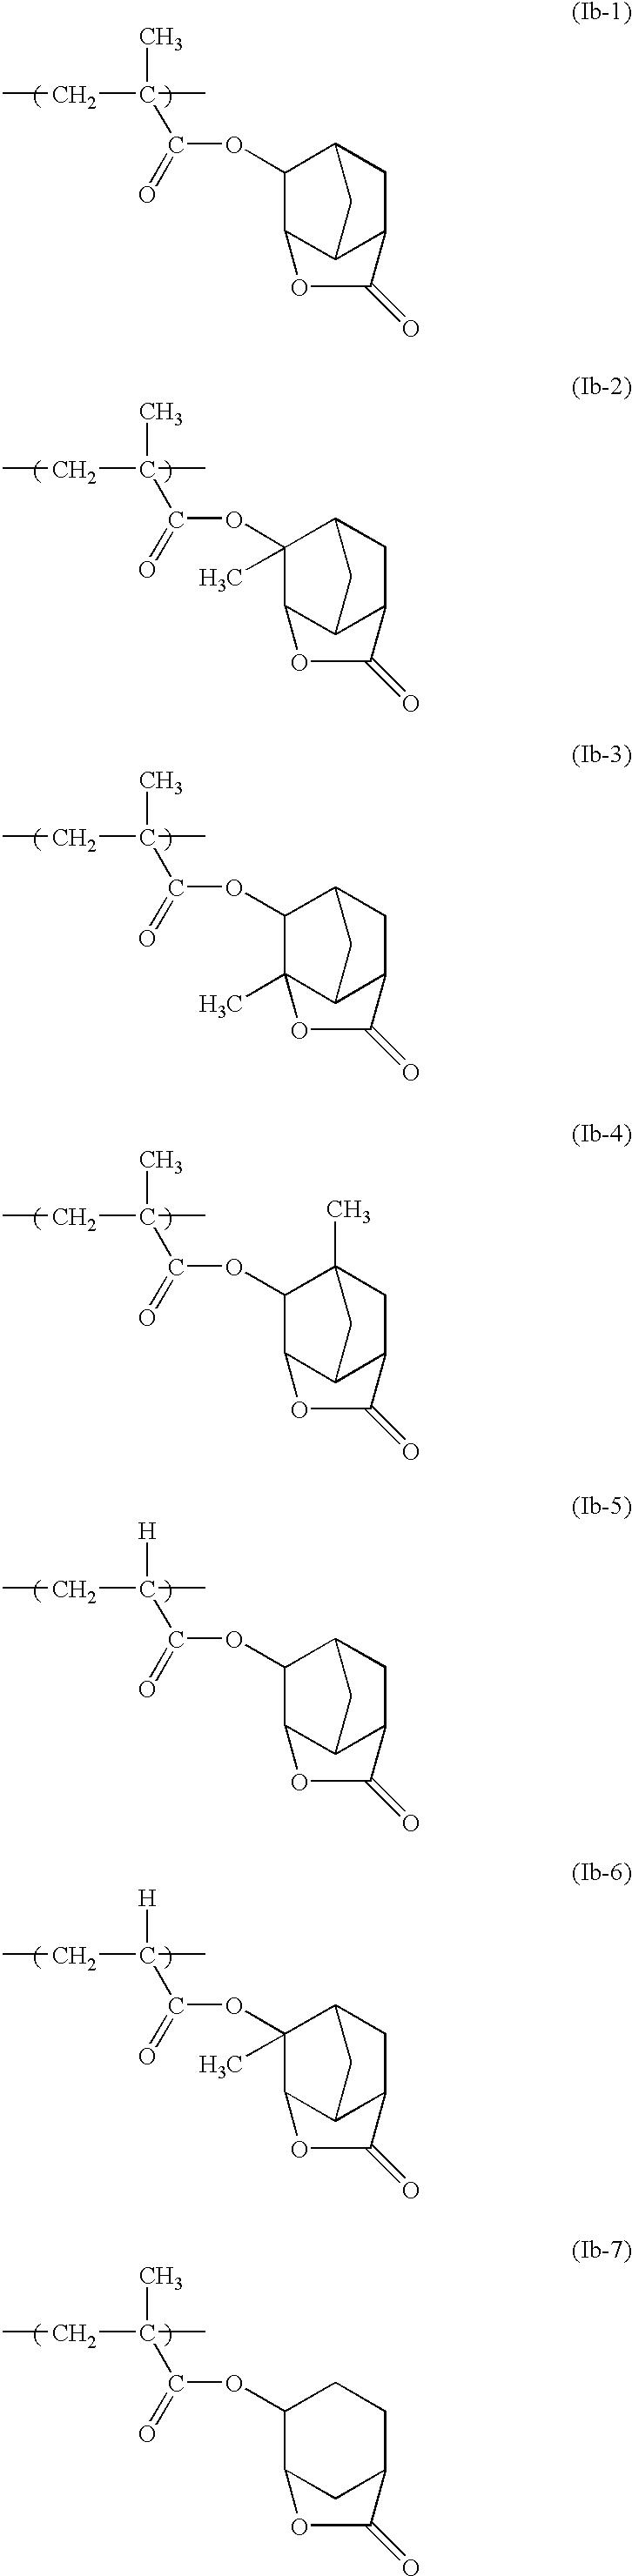 Figure US20030186161A1-20031002-C00100